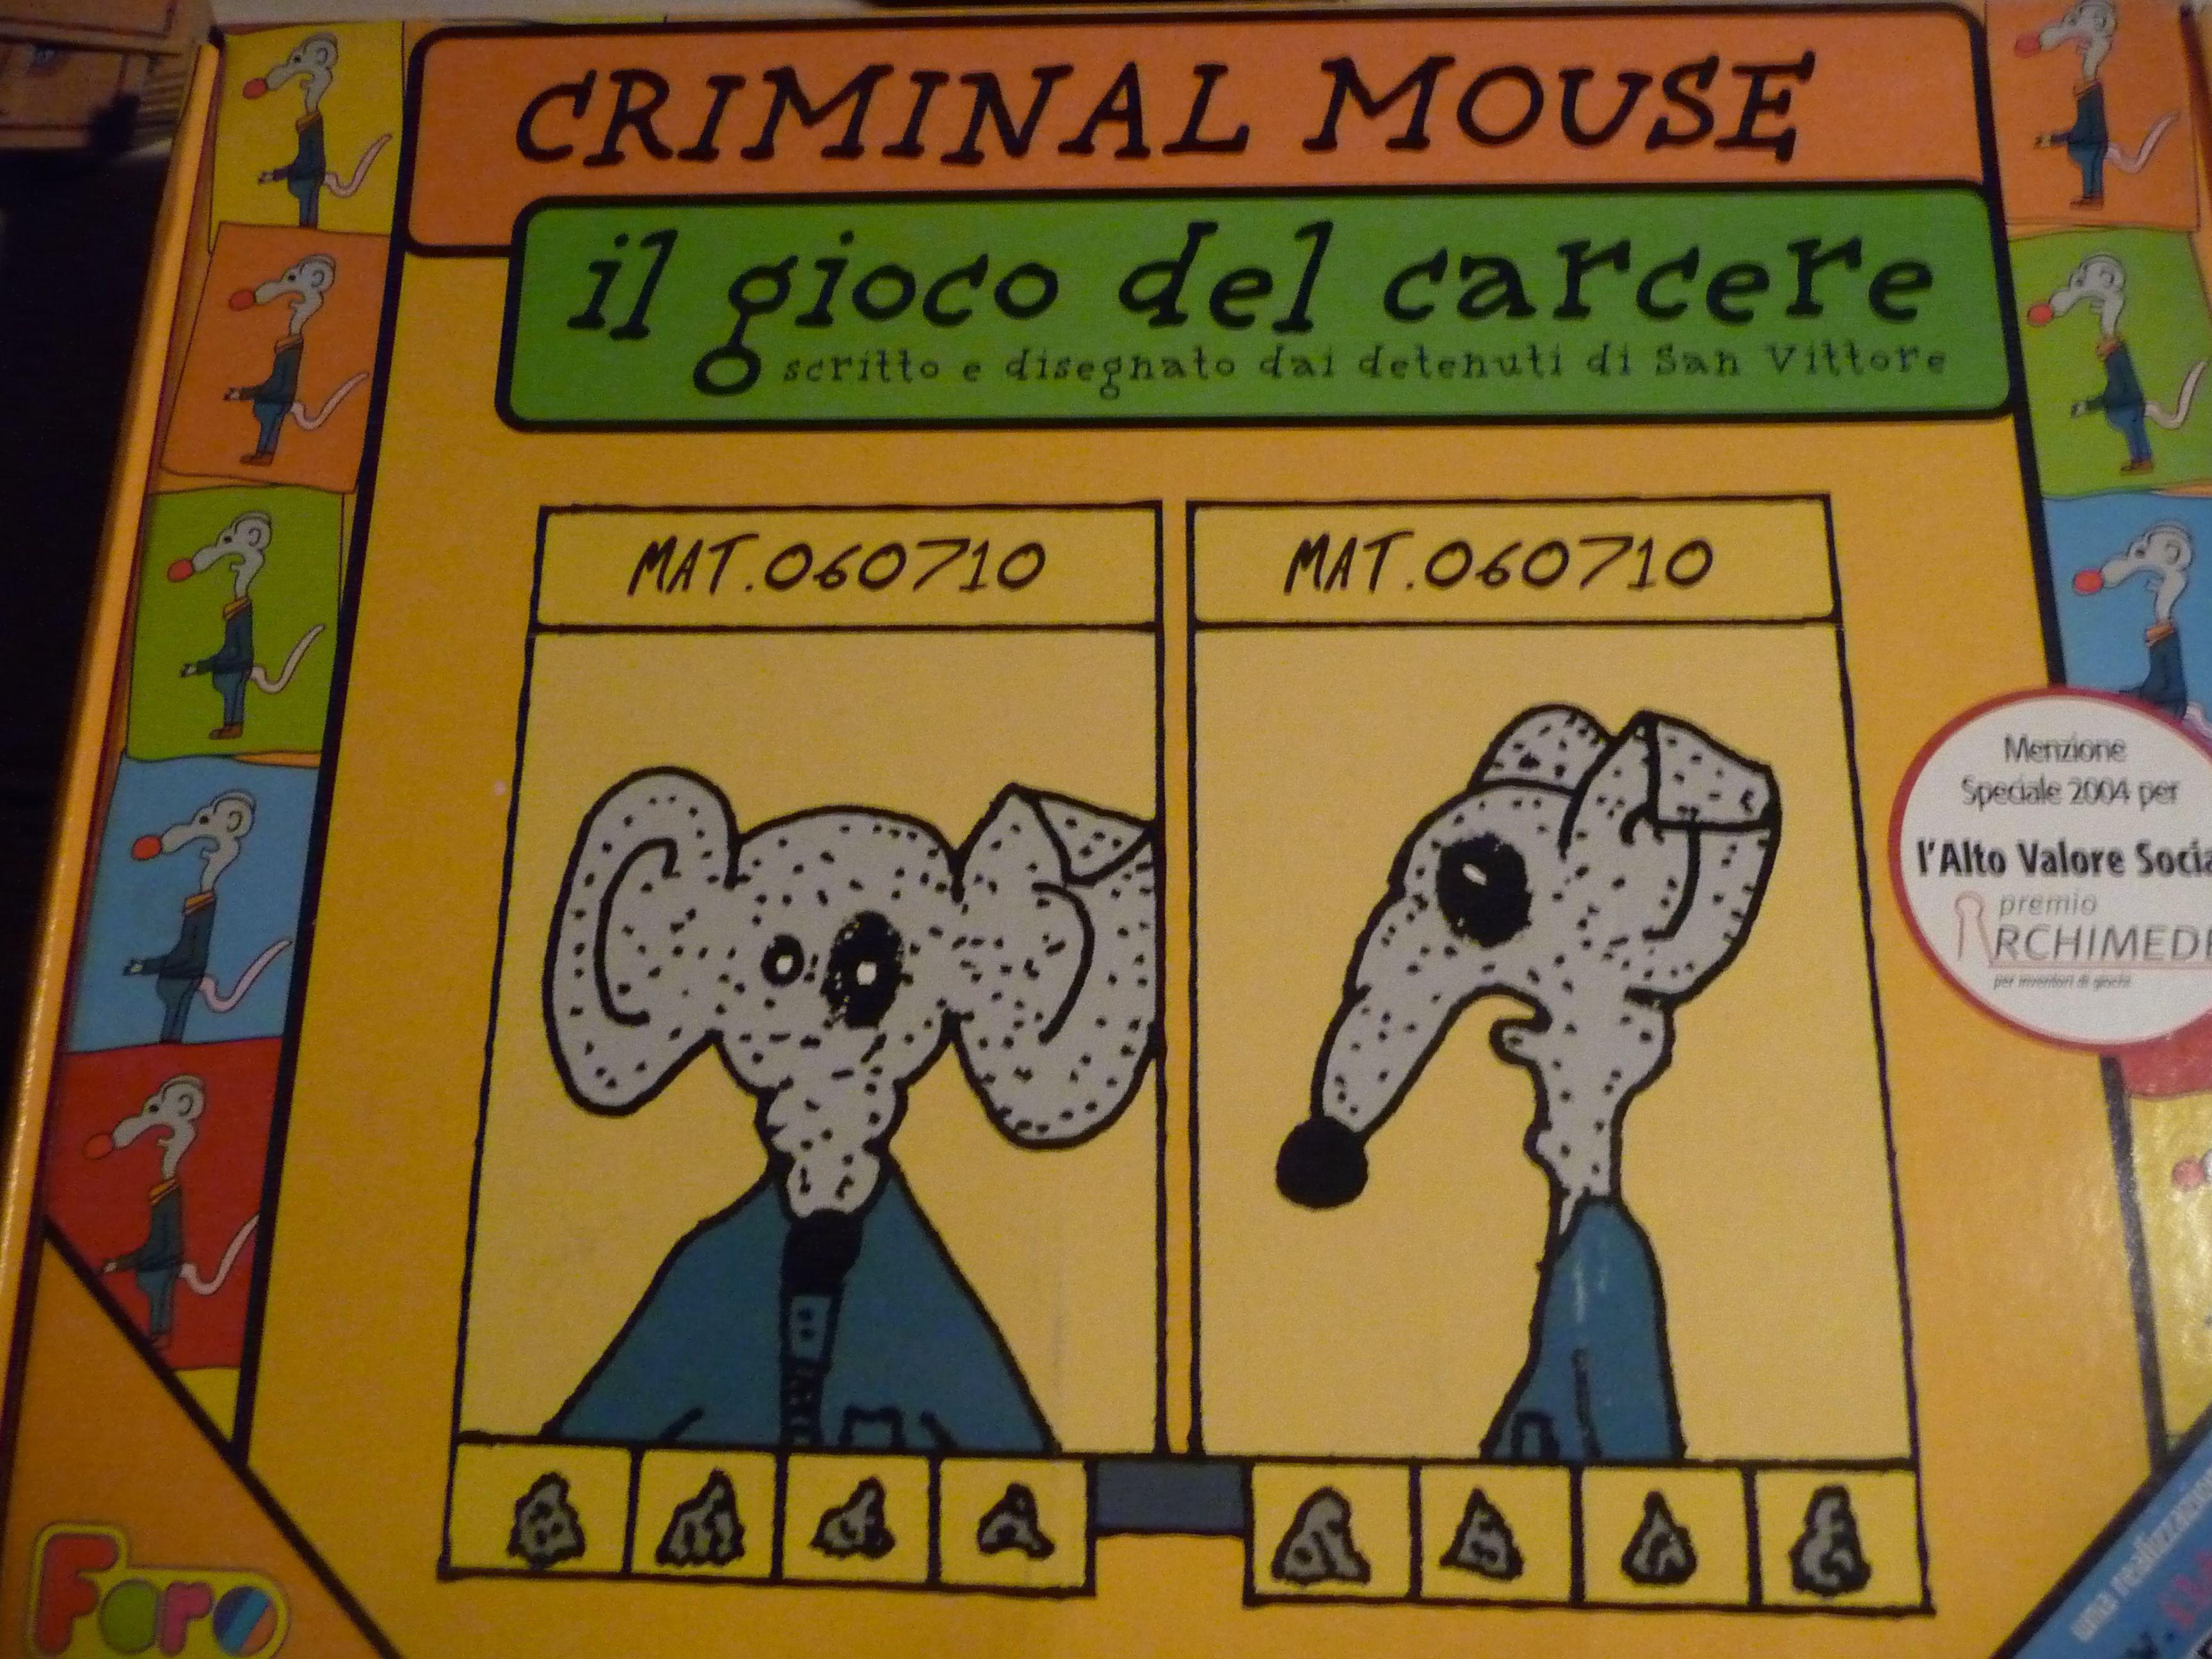 Criminal Mouse